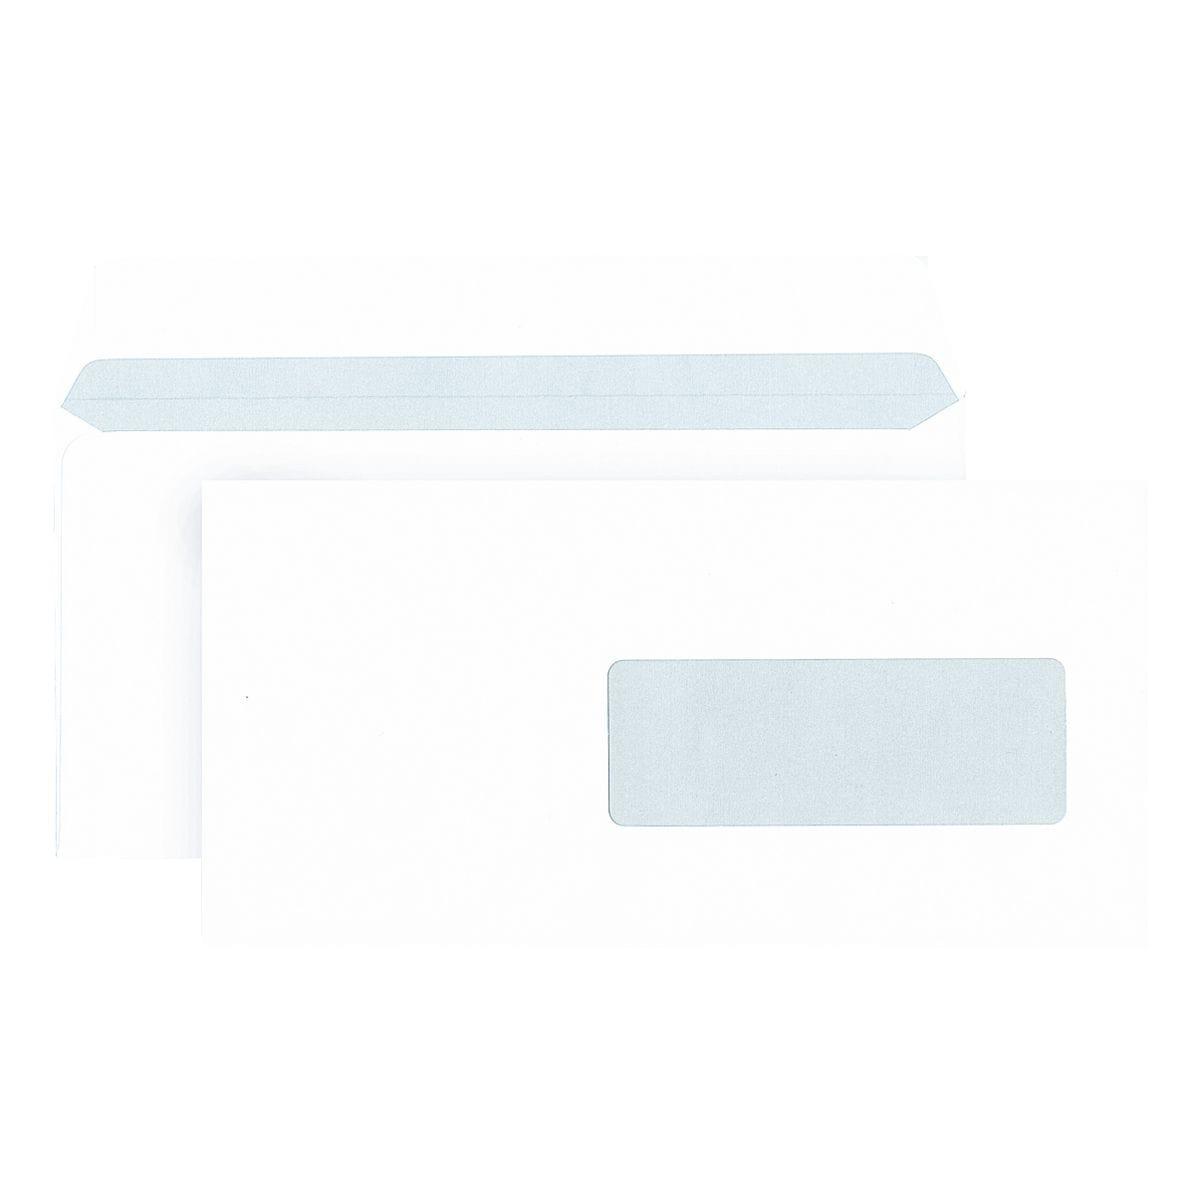 enveloppes Mailmedia, DL+ 80 g/m² avec fenêtre, fermeture à bande adhésive - 500 pièce(s)